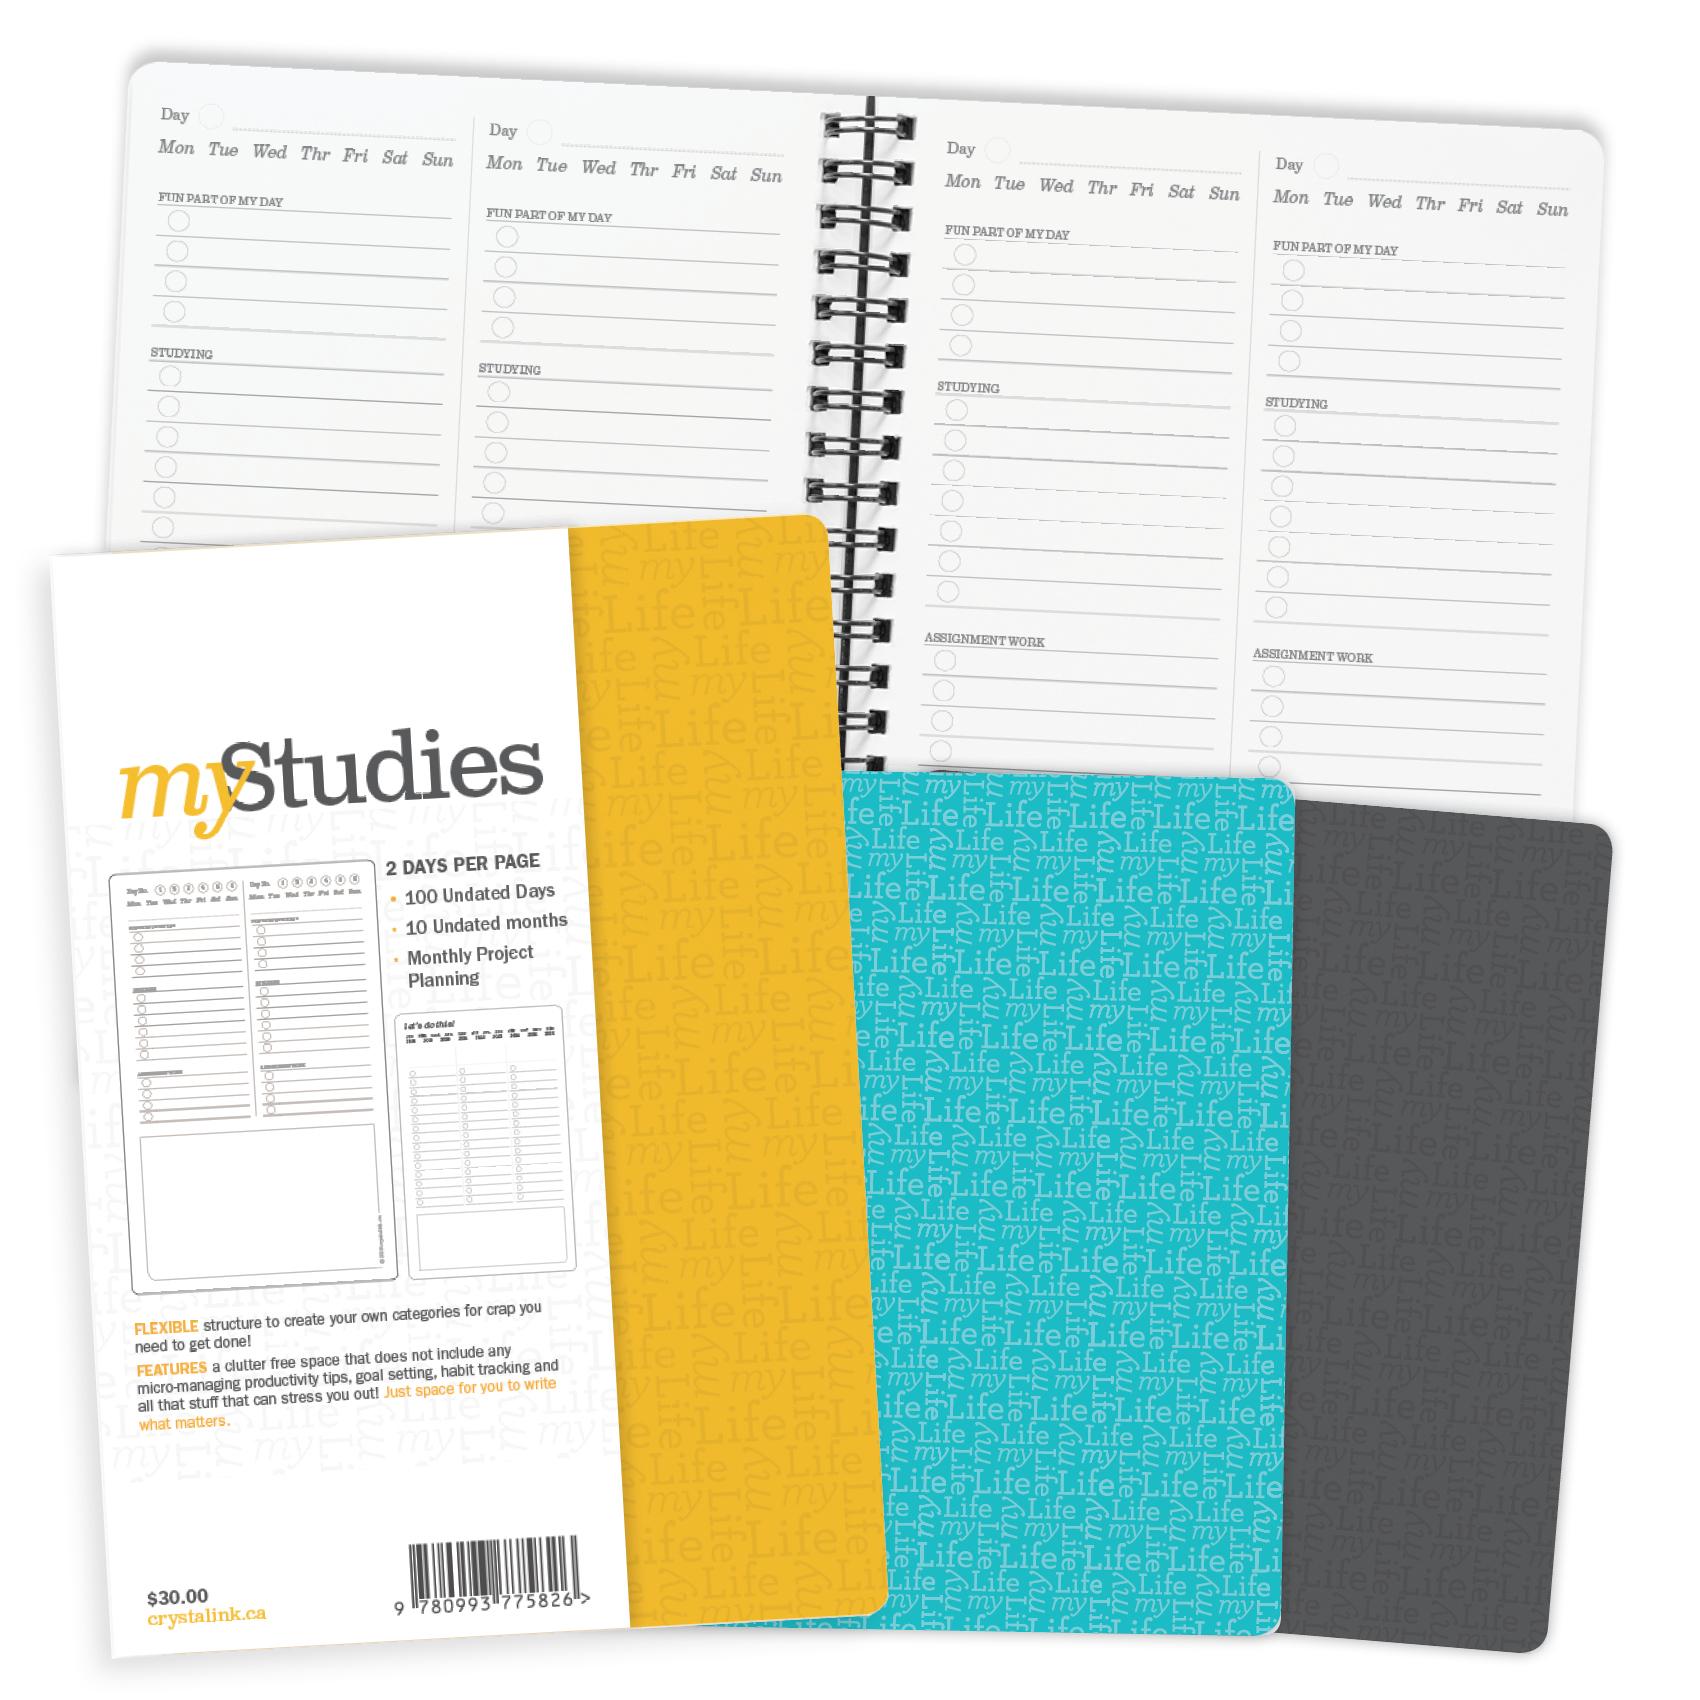 myStudies-Feature.jpg